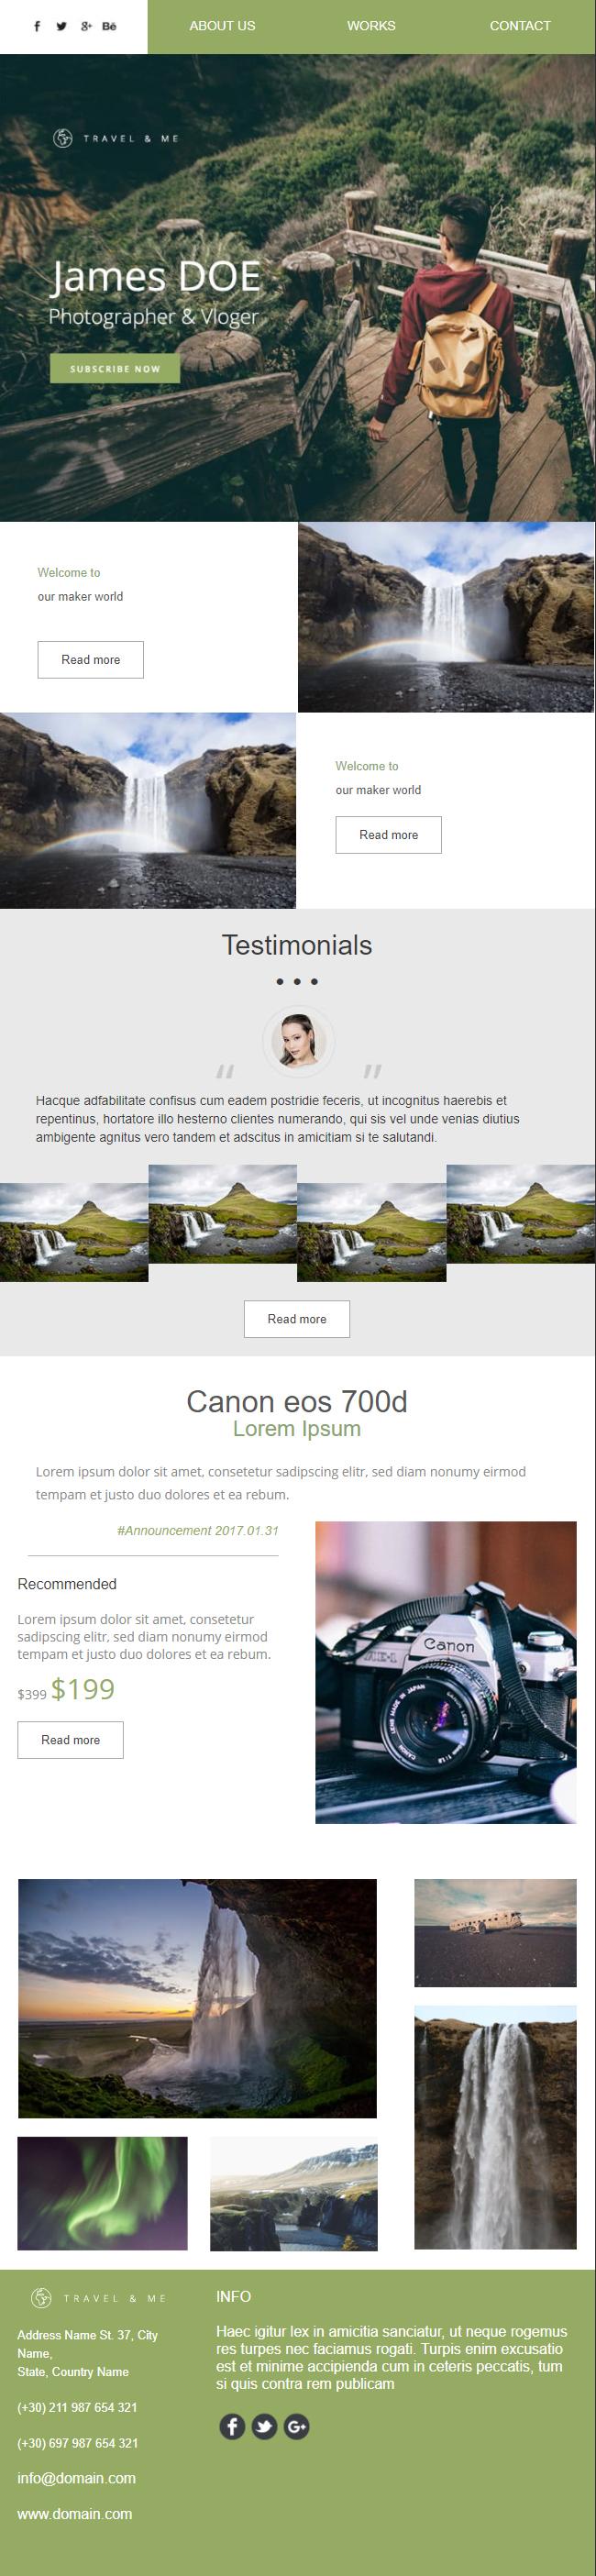 Exemple newsletter Travelandme